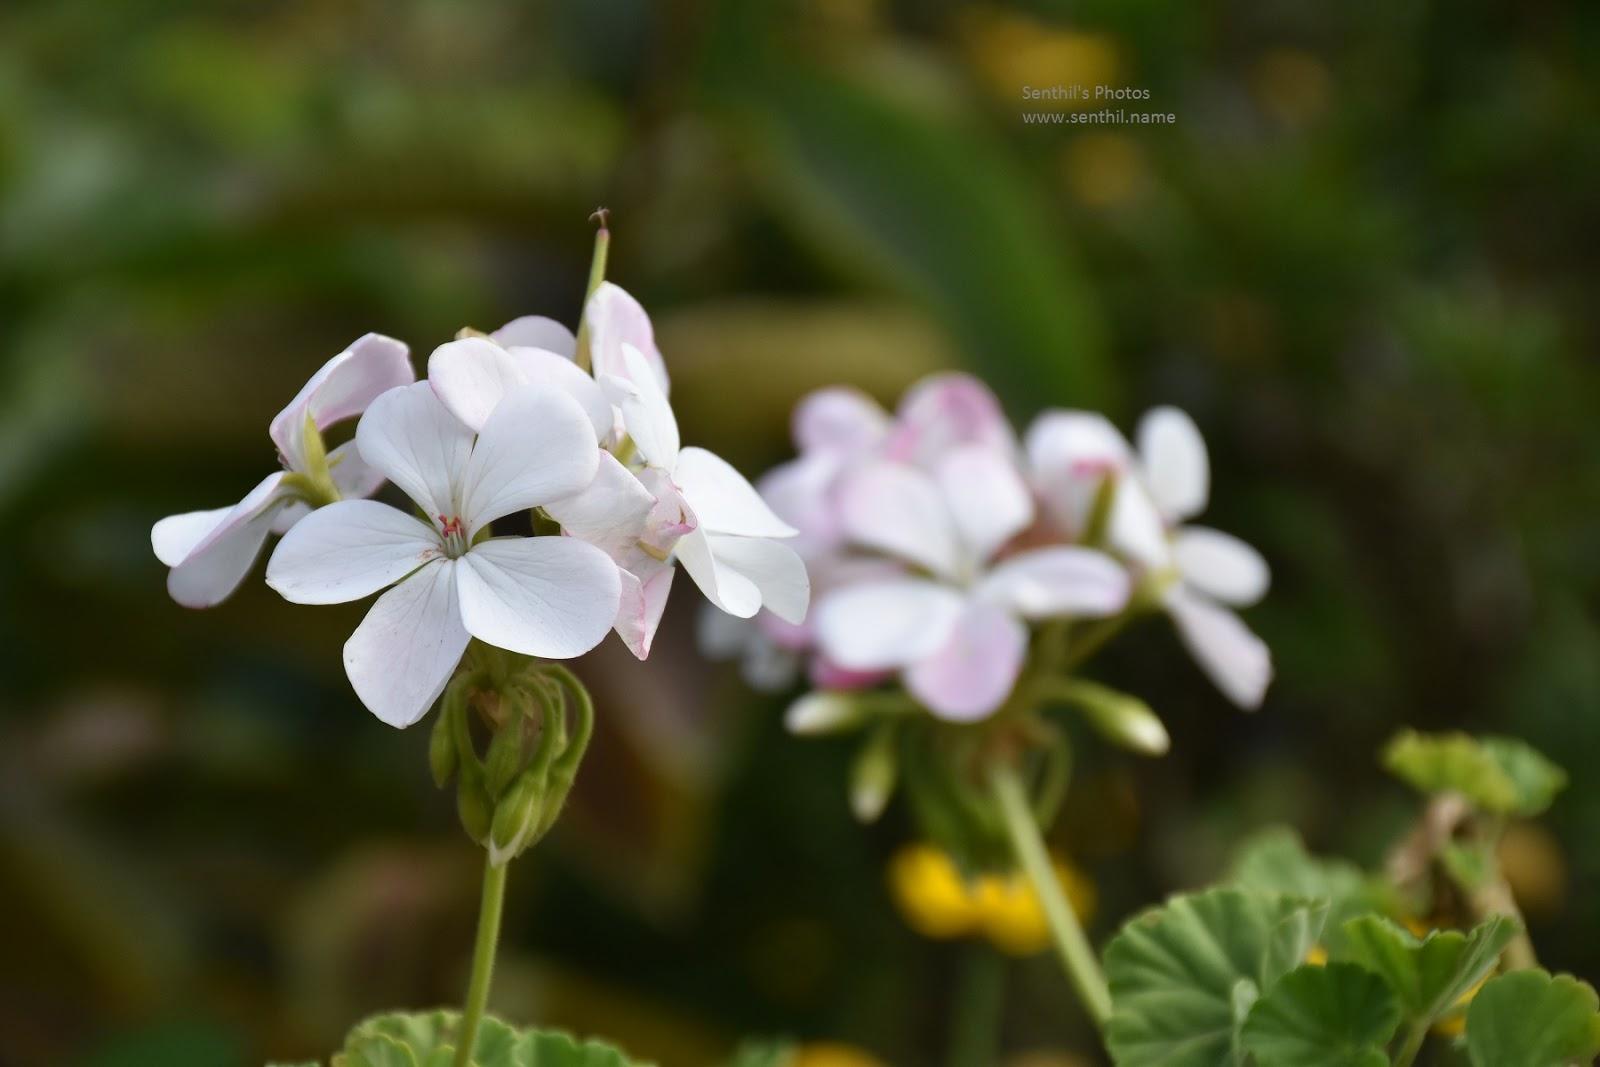 A Beautiful Flower In Kodaikanal Senthils Photos